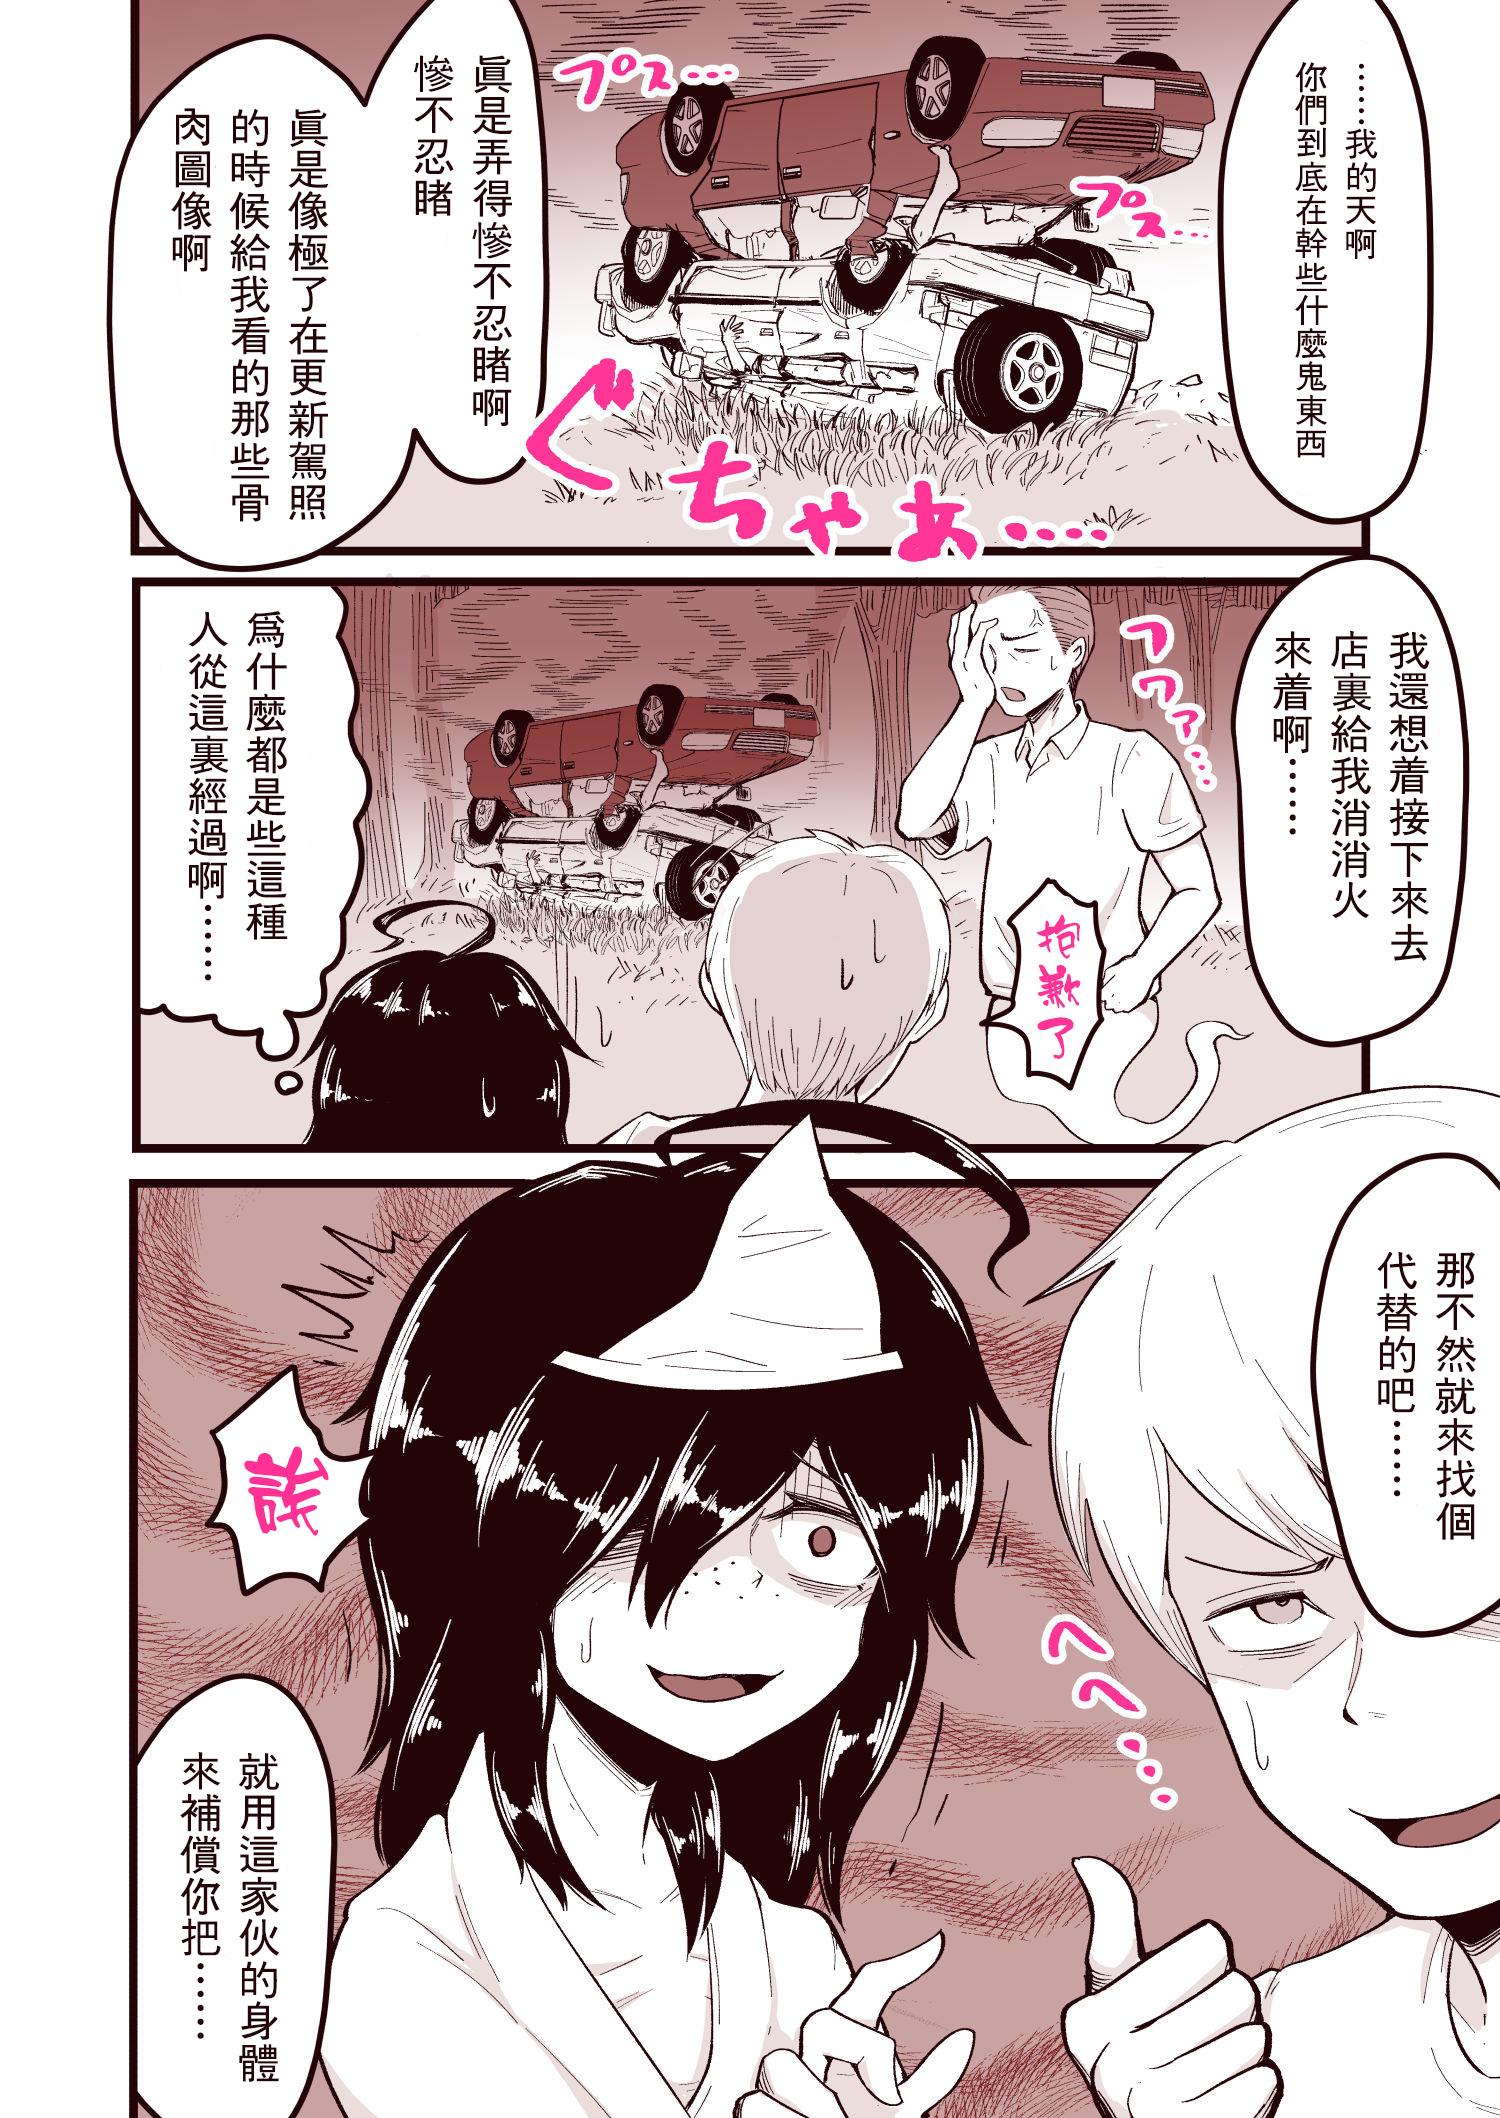 23_23_honpen_022.jpg